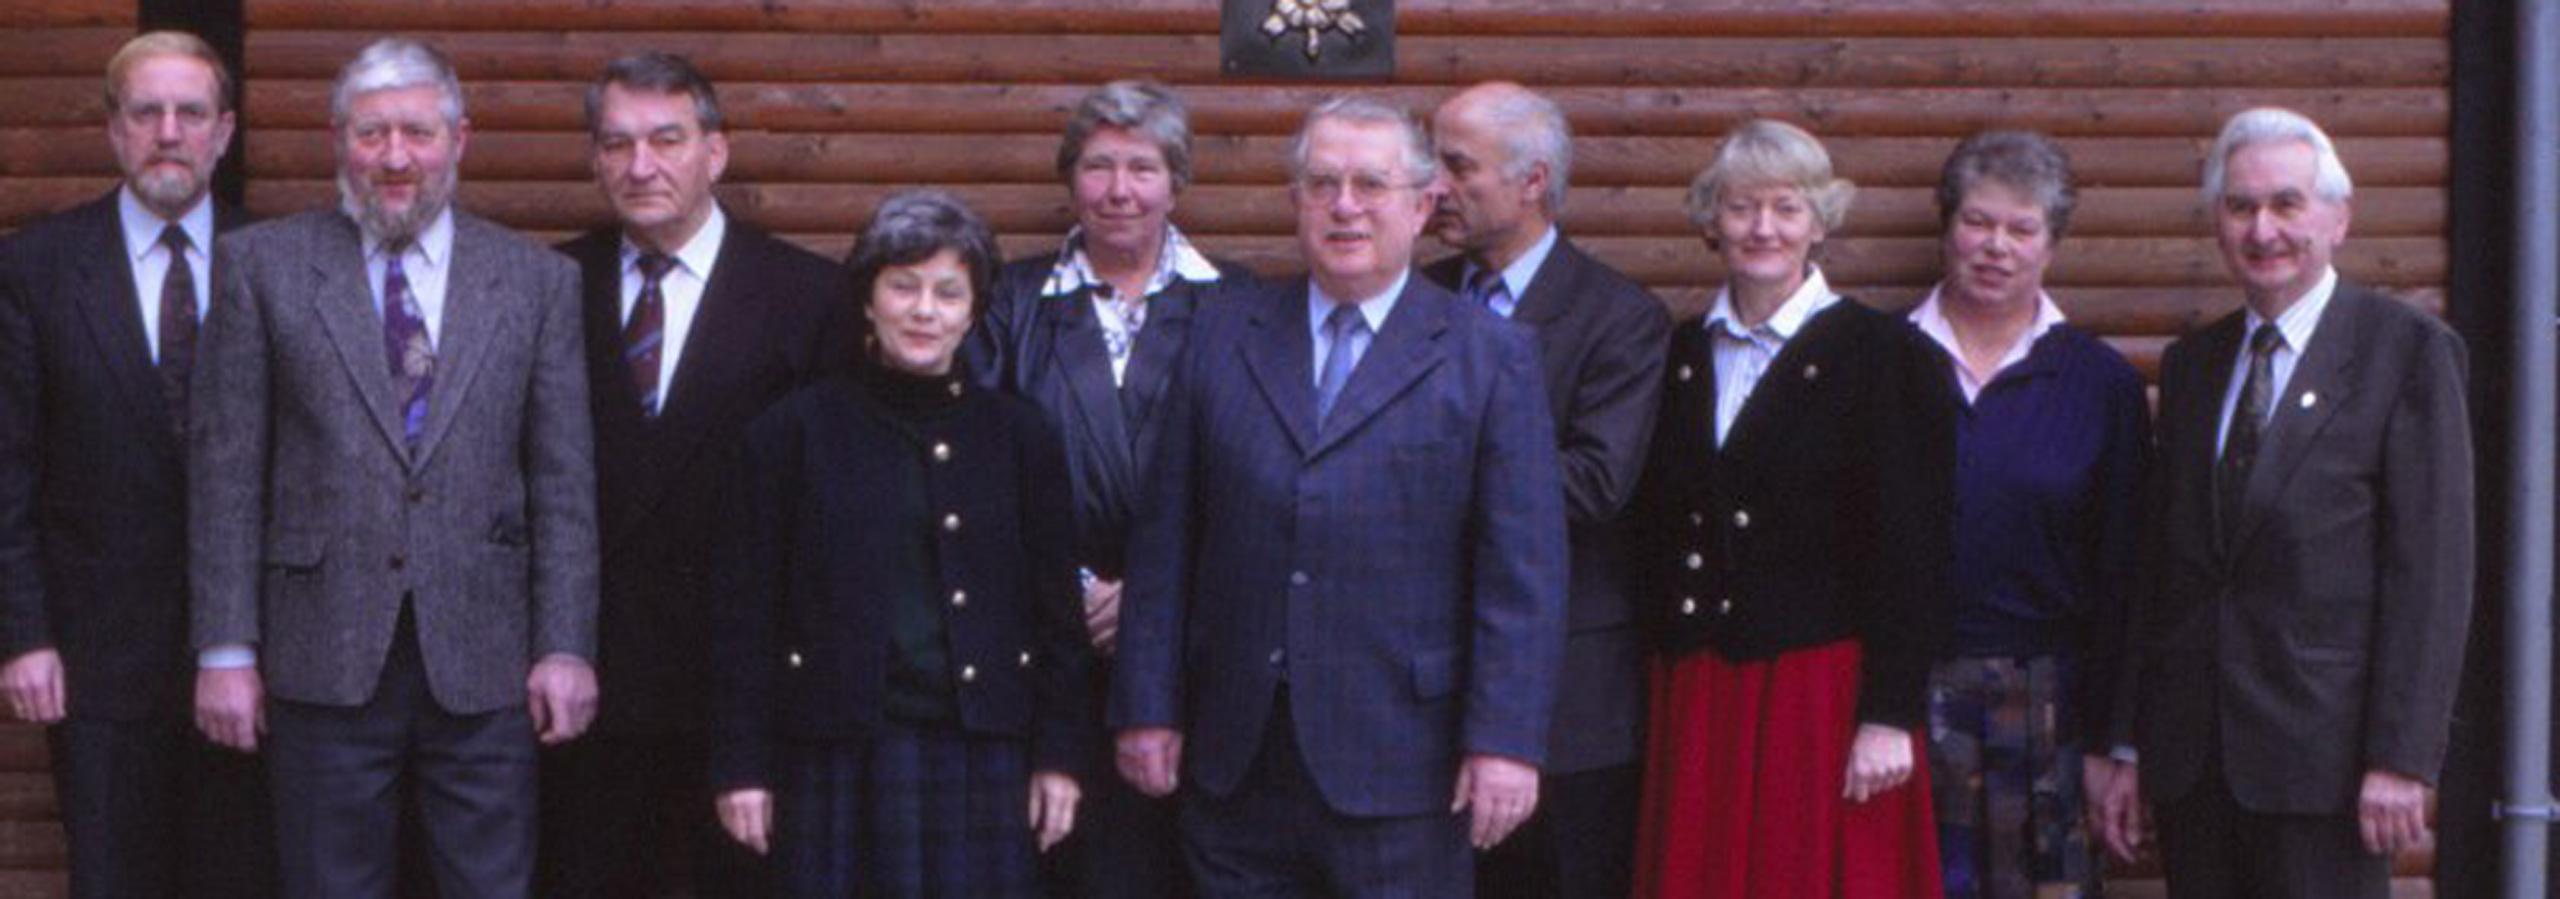 Der Vorstand 1991 der SGV Abteilung Hilchenbach